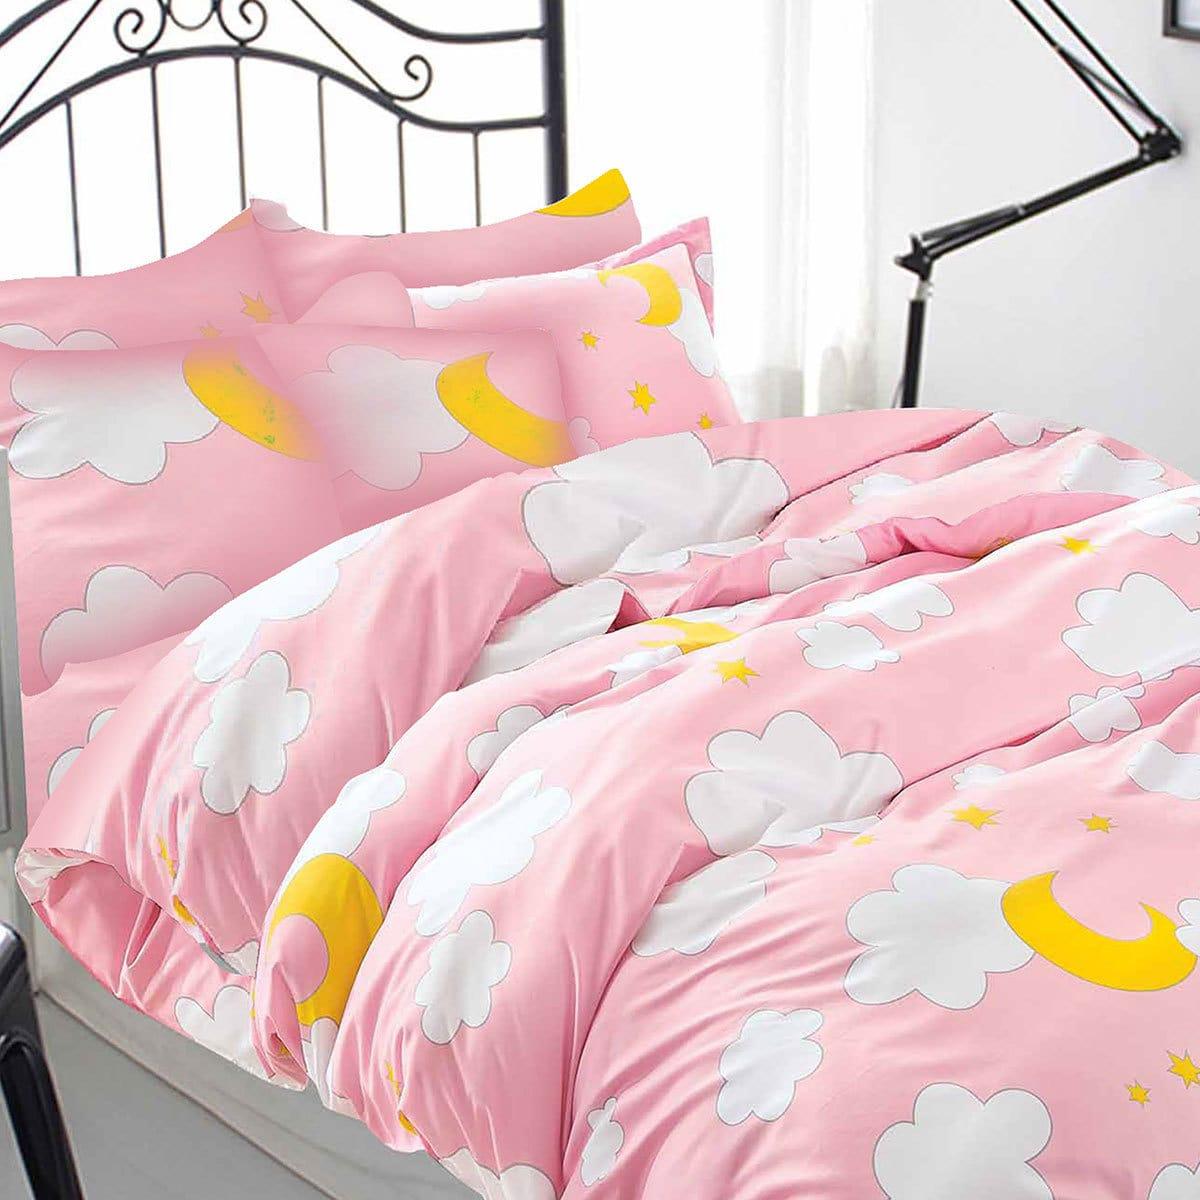 Bettwarenshop Mako Satin Bettwäsche Wolken Günstig Online Kaufen Bei